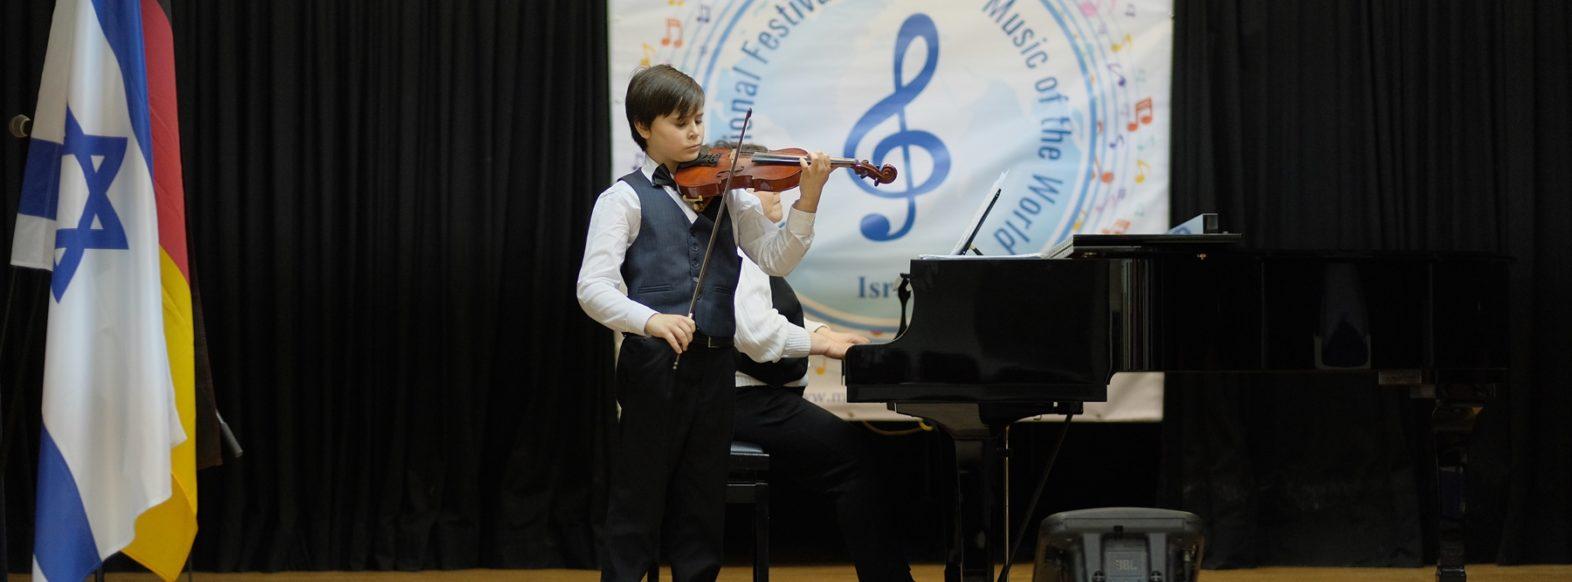 ולדימיר פופוב, תלמיד מרכז המוסיקה העירוני זכה במקום השני בתחרות מוסיקה בינלאומית